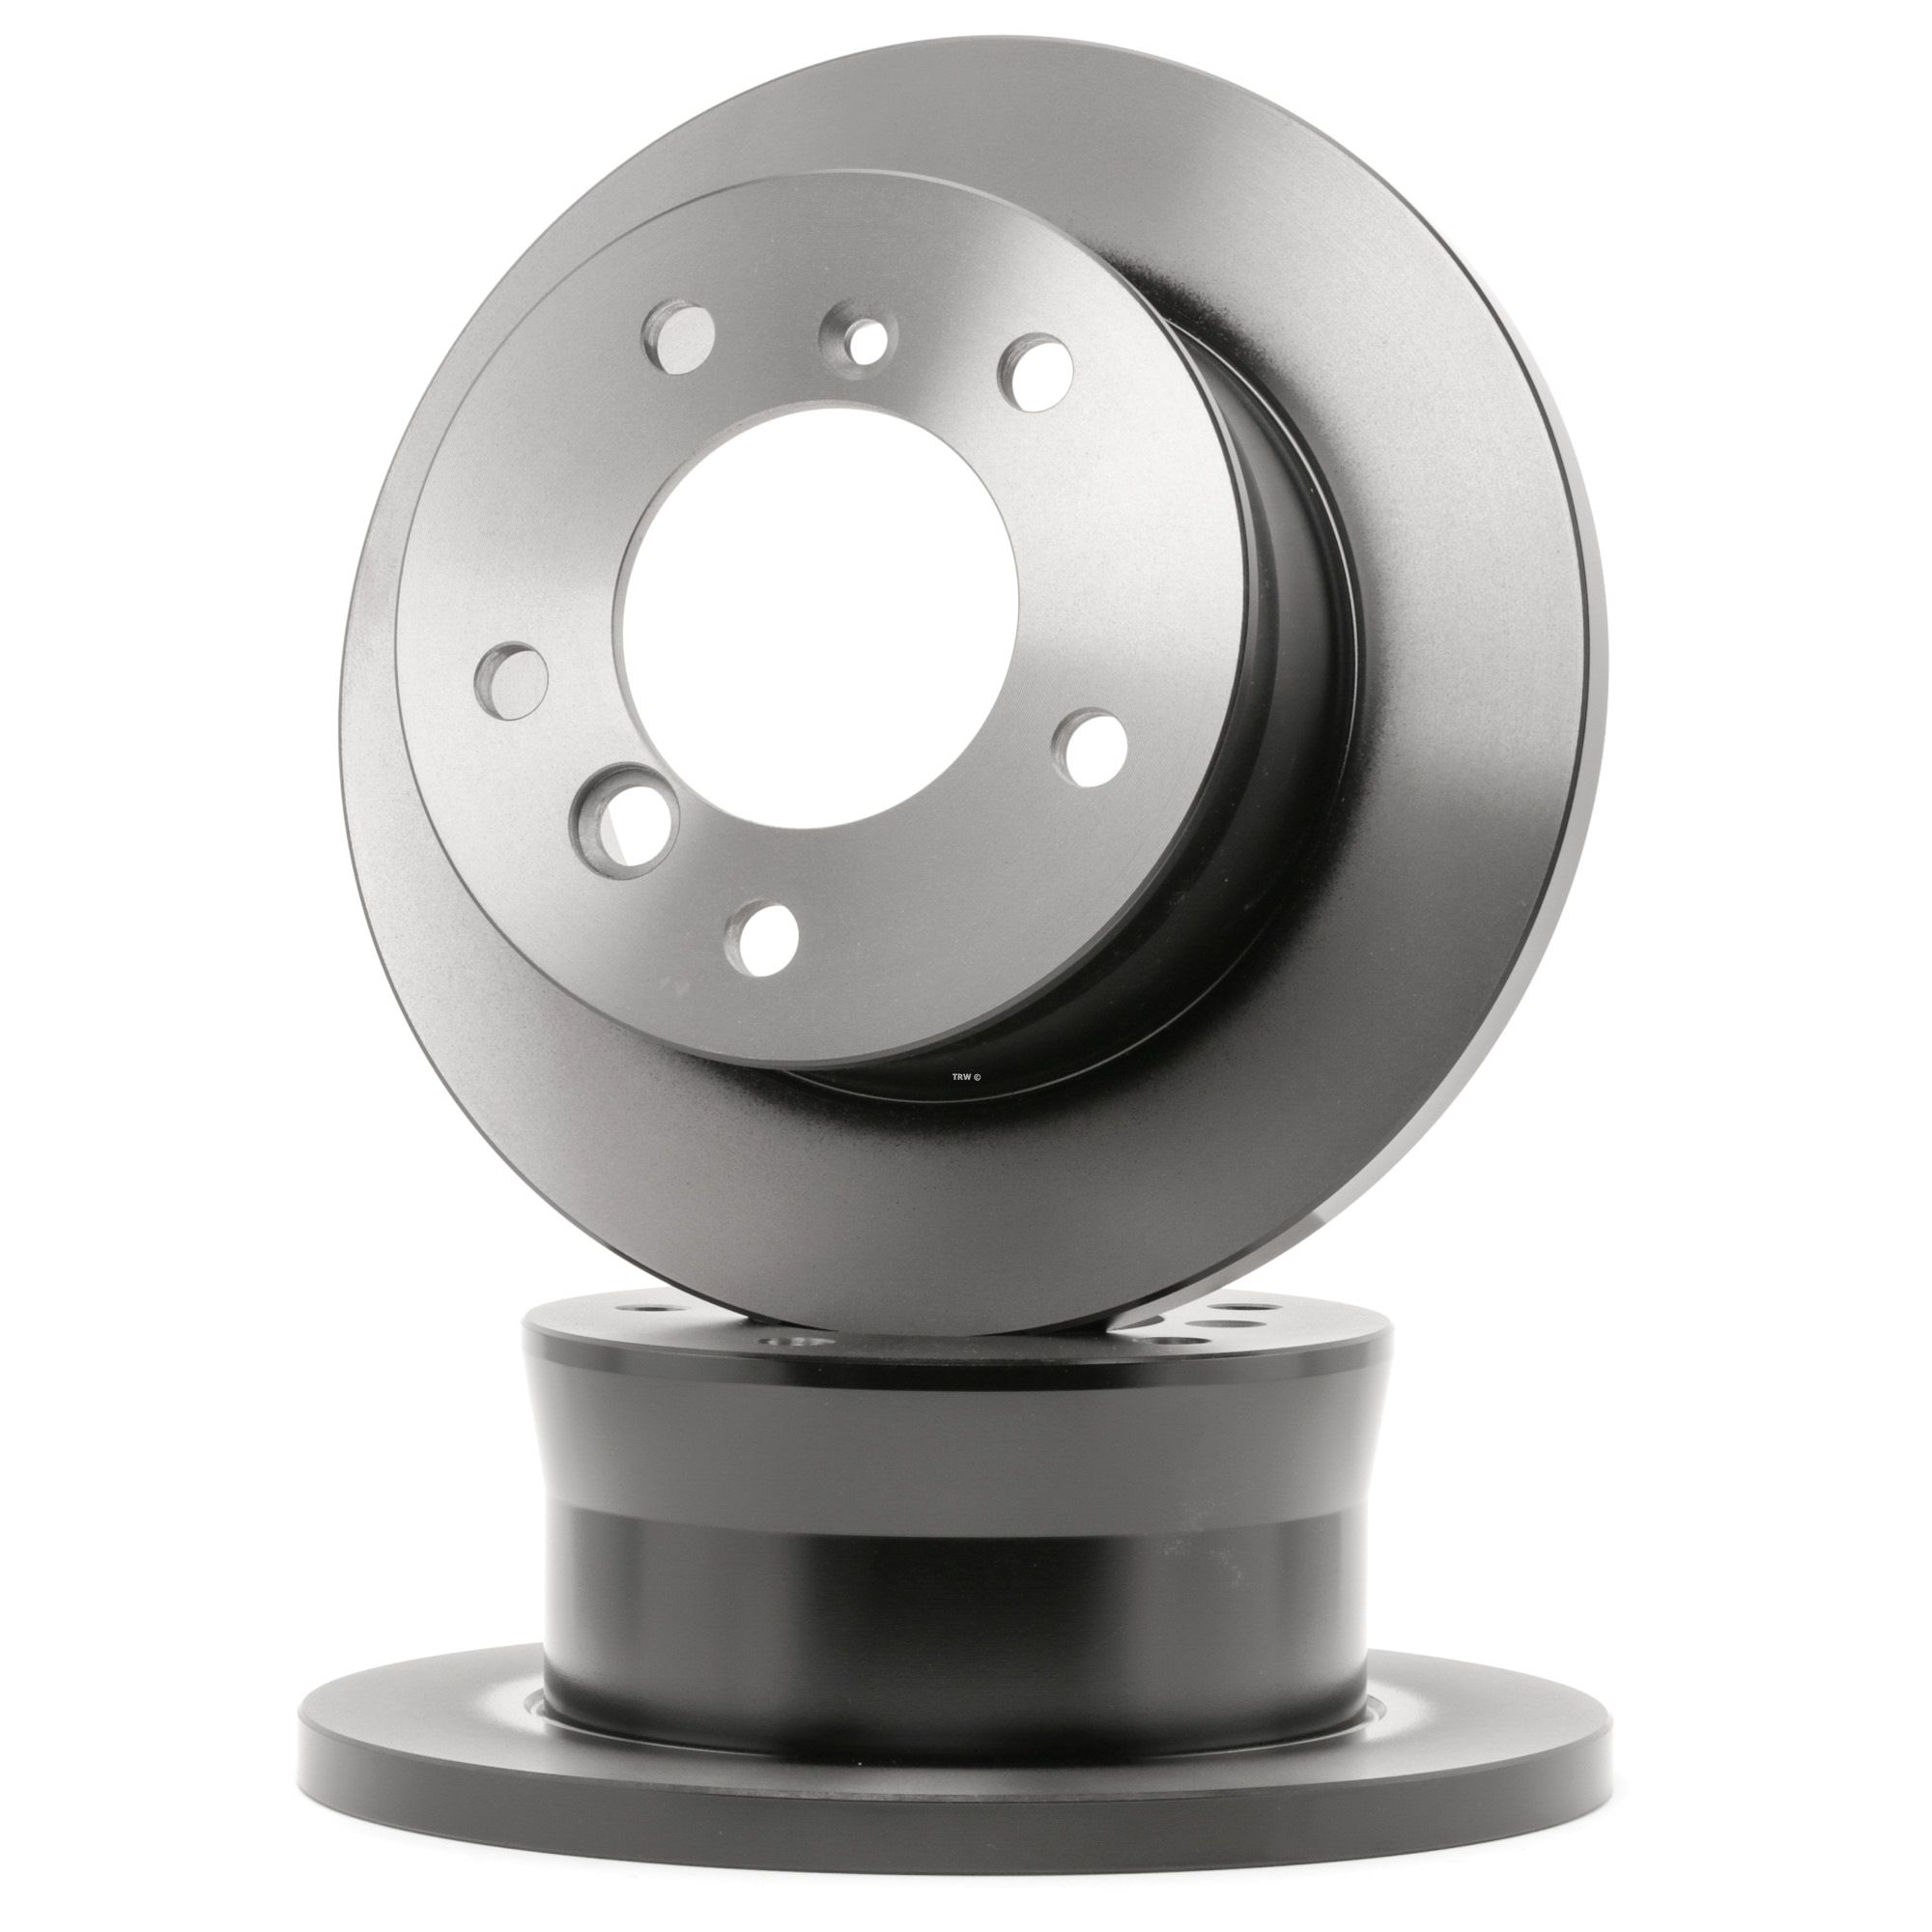 Achetez Disque TRW DF4088S (Ø: 272mm, Nbre de trous: 5, Épaisseur du disque de frein: 16mm) à un rapport qualité-prix exceptionnel